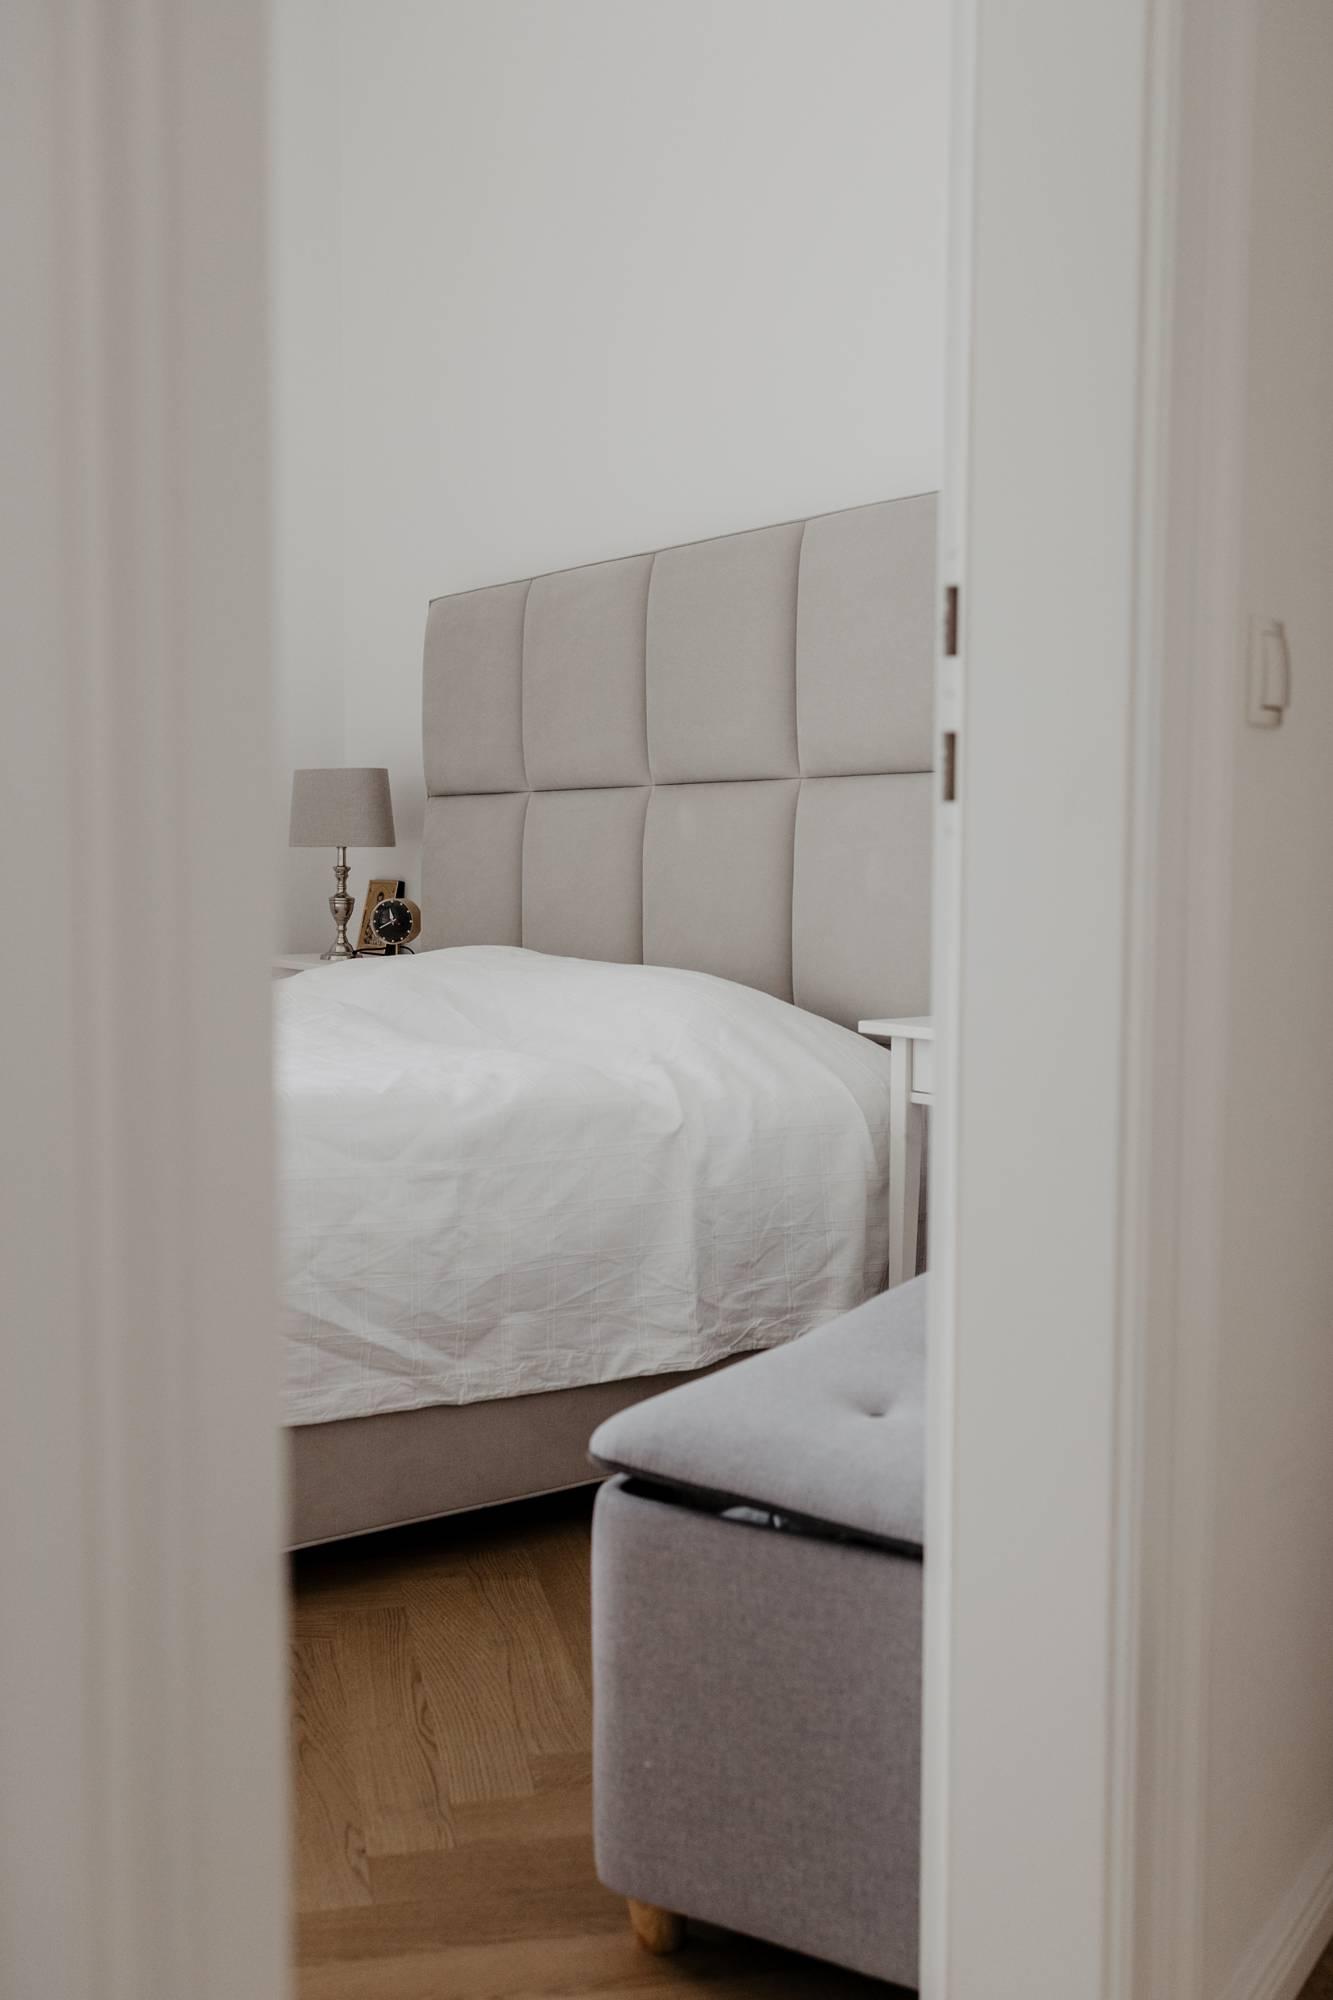 Schlafzimmer Inspiration - Wiener Wohnsinnige Homestory